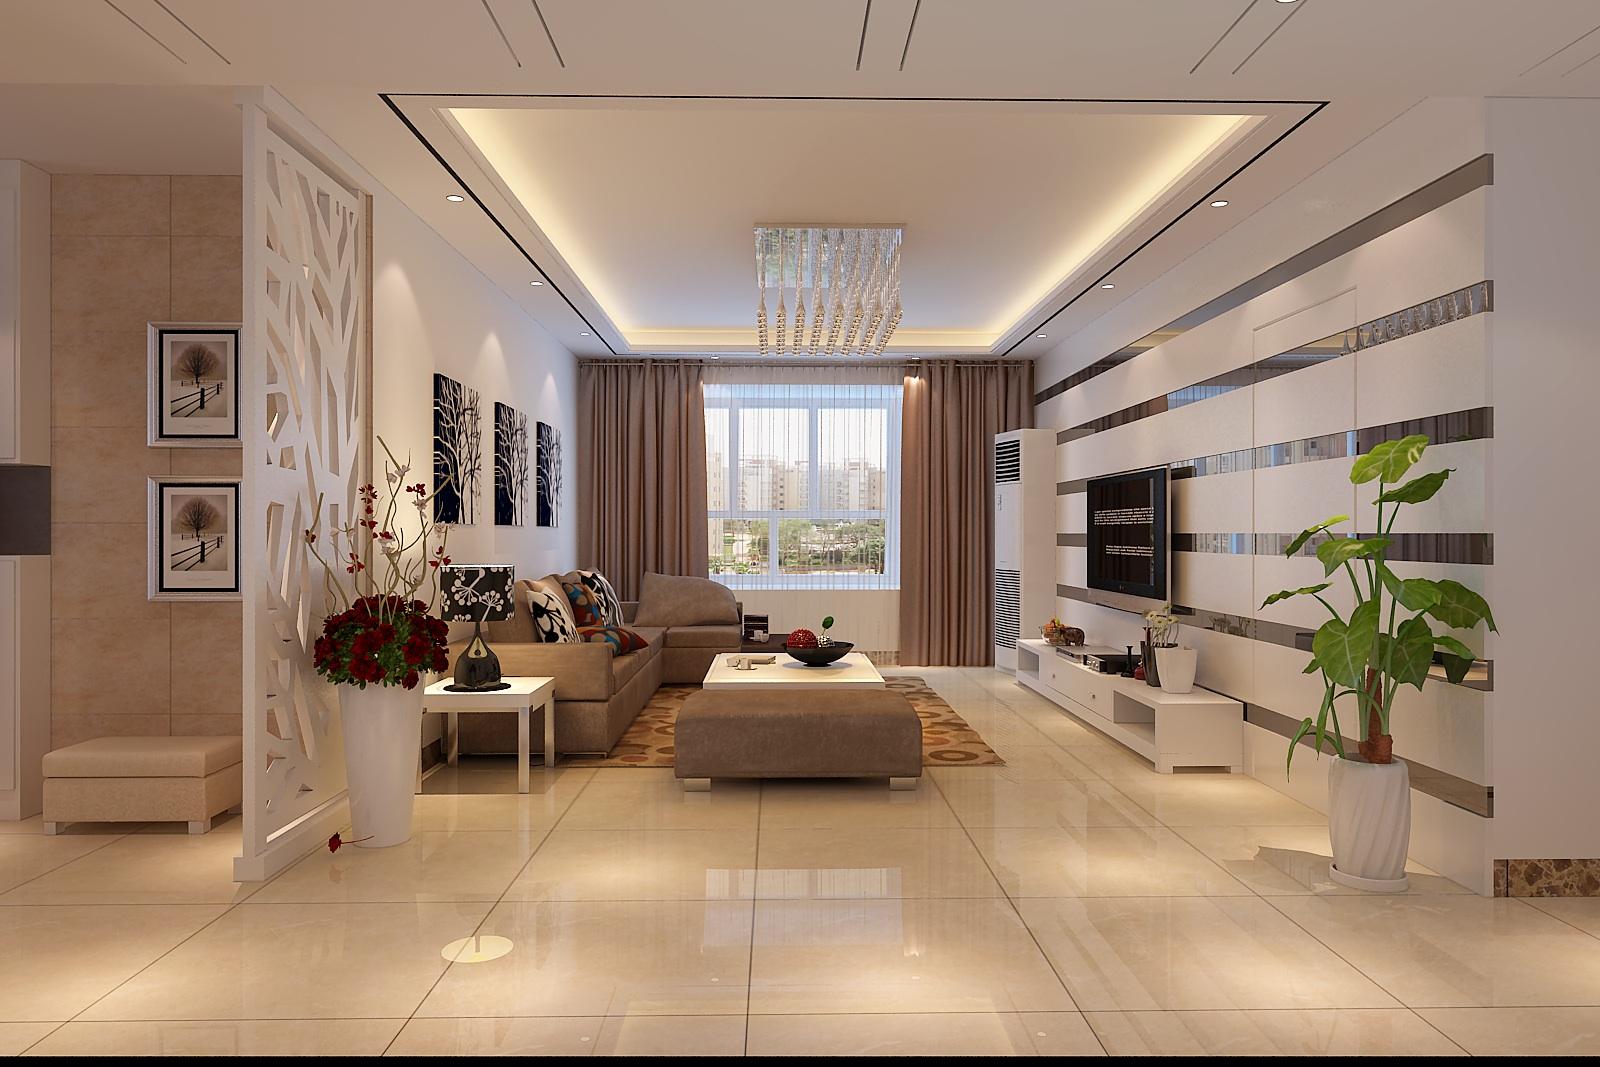 客厅吊顶高度多少合适?客厅吊顶的设计要点